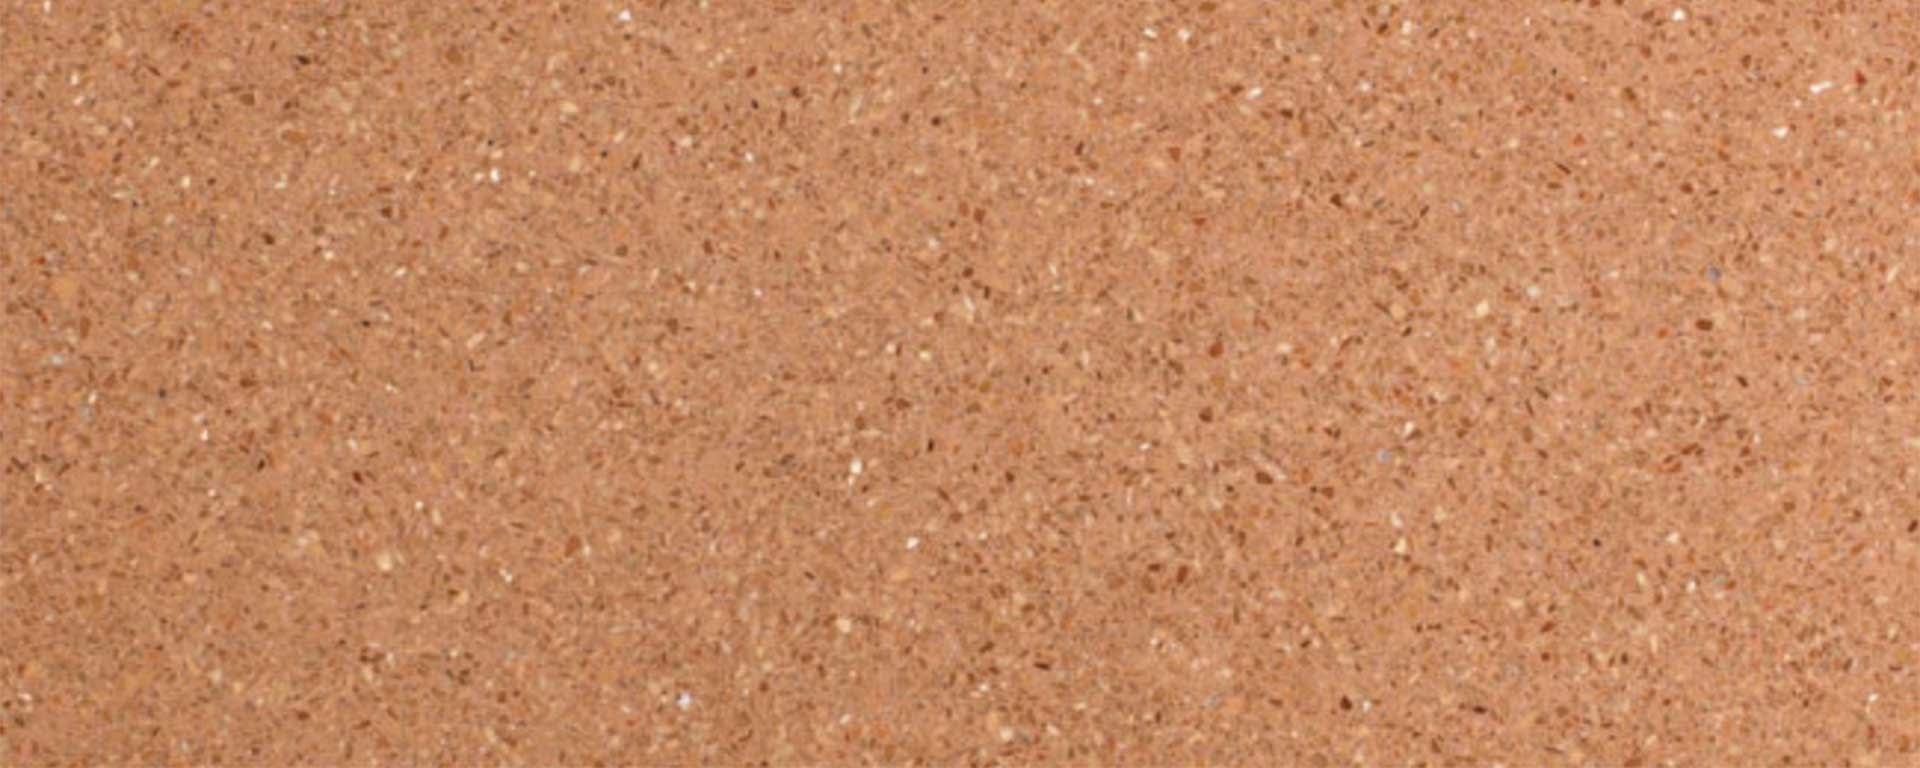 MMDA-016-terrazzo-marmo-cemento